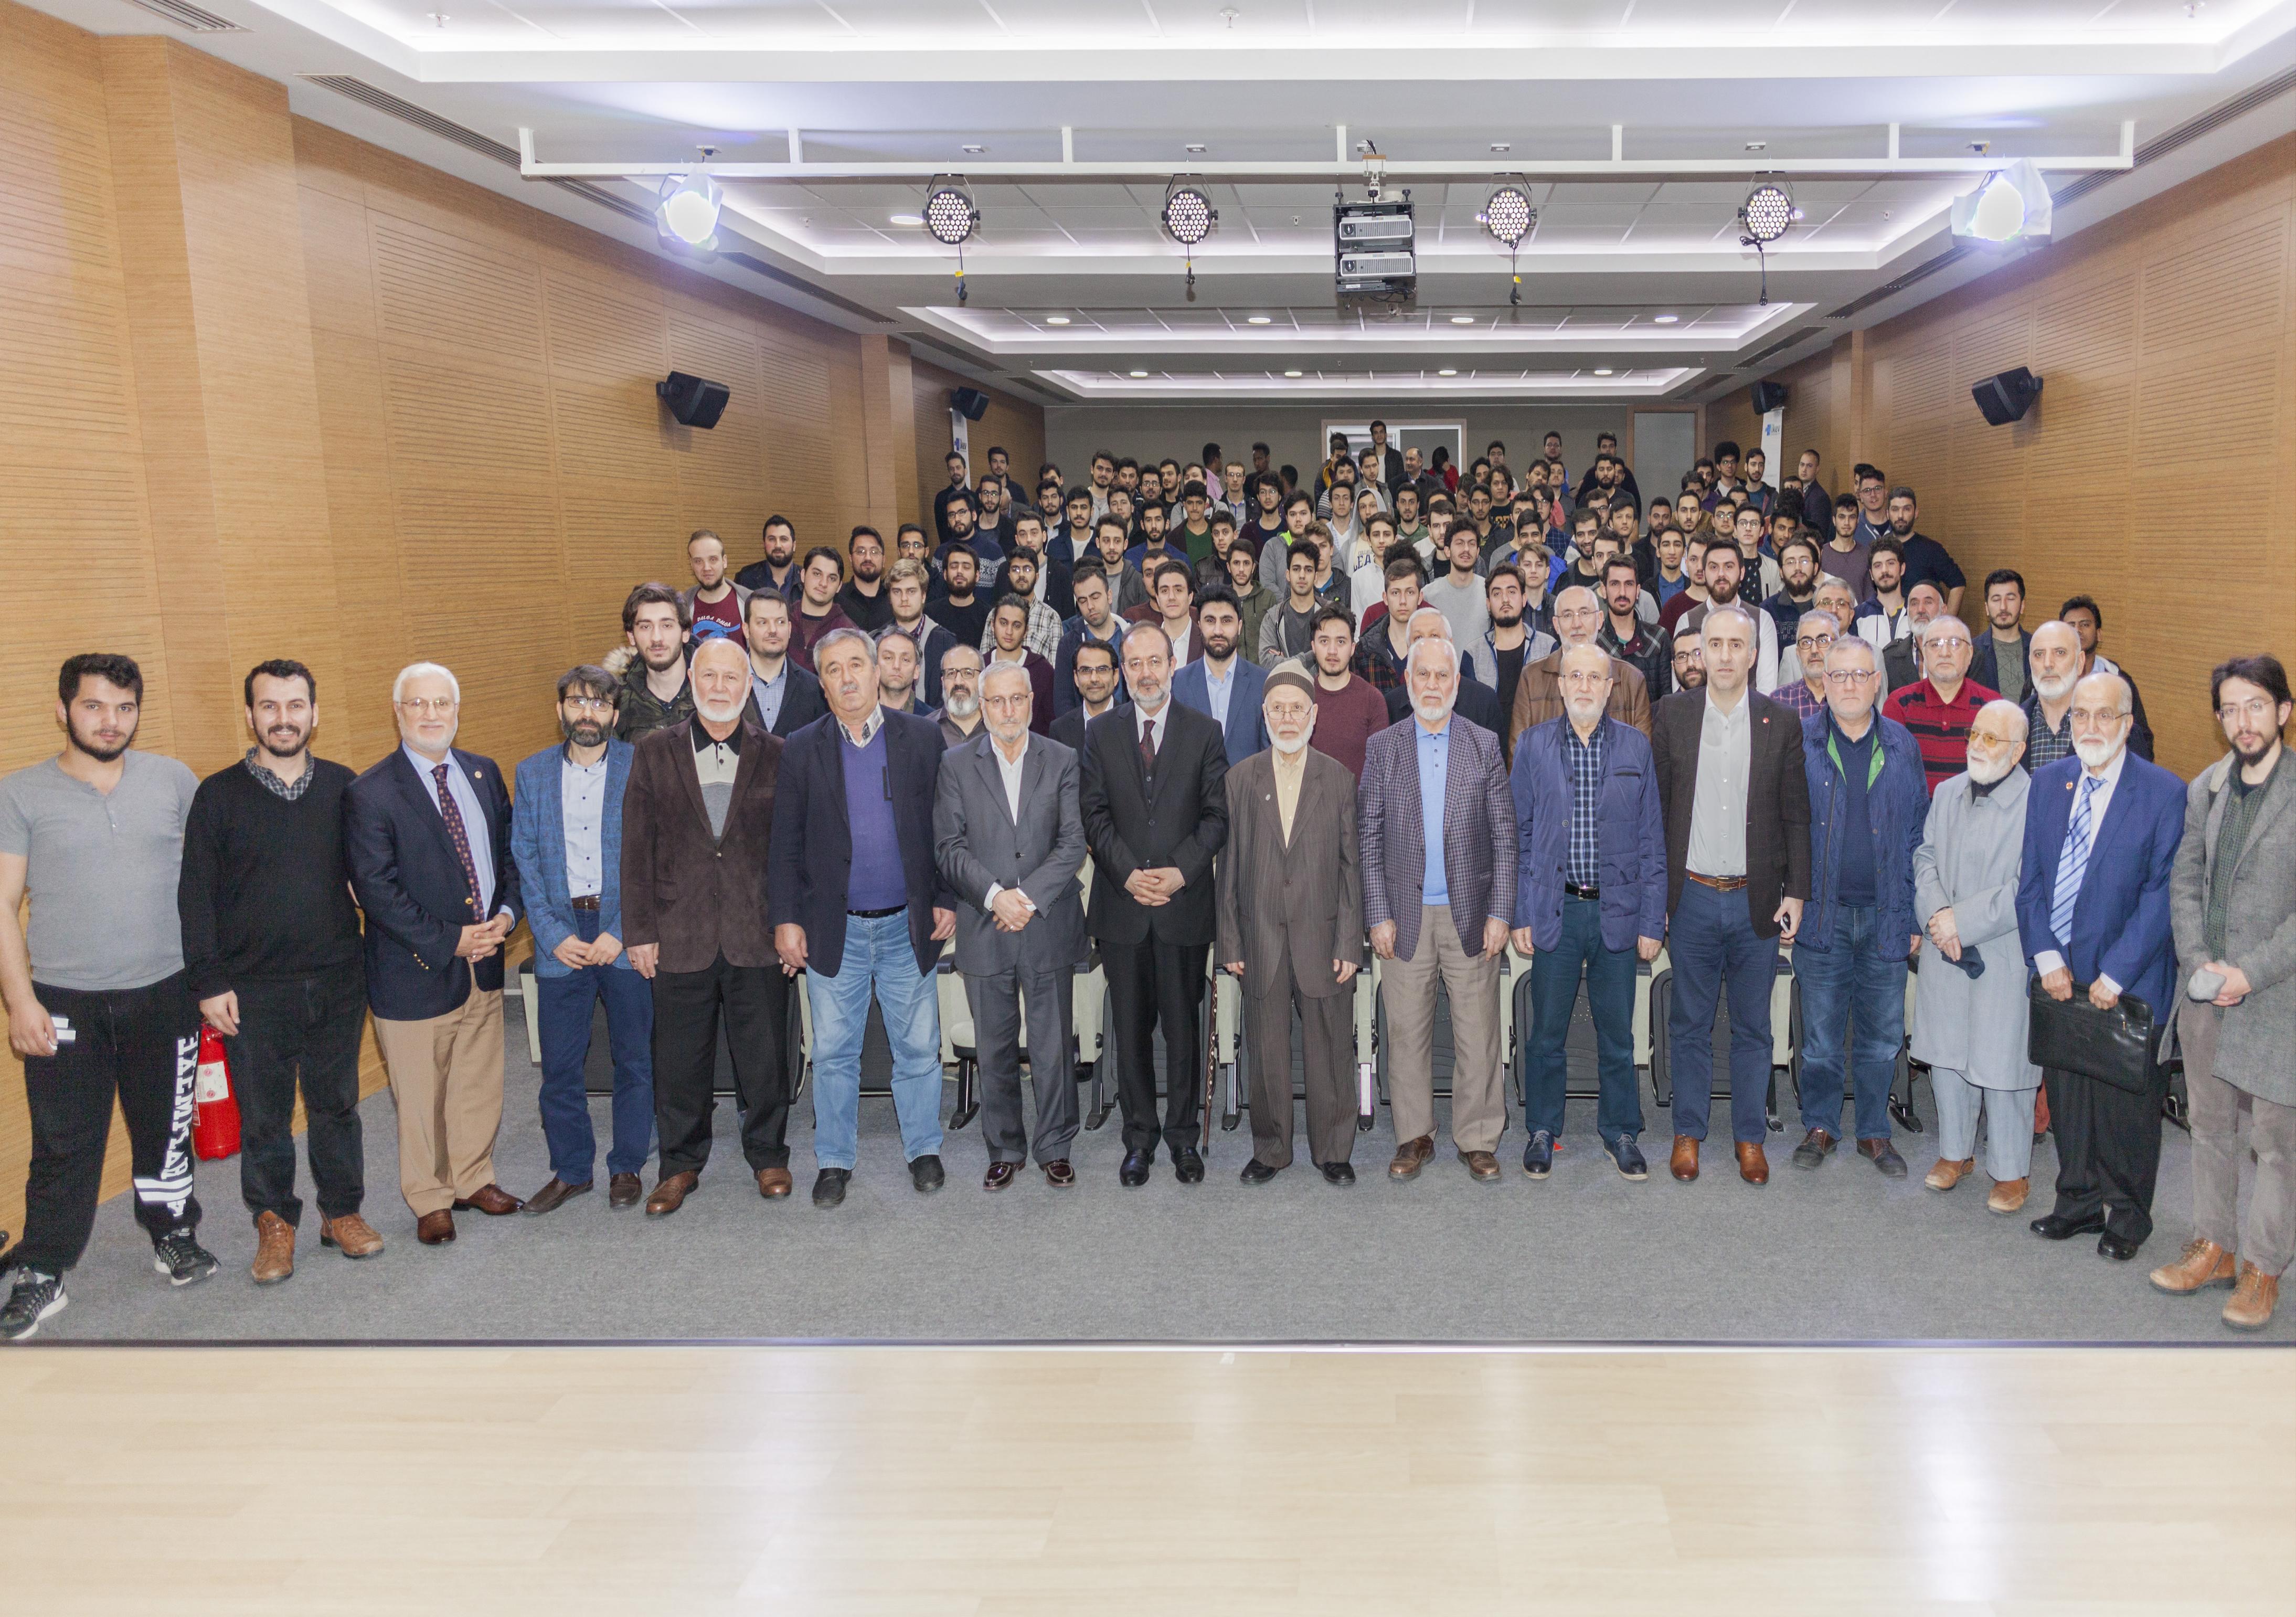 İkev Tecrübe Konferanslarının bu ay ki konuğu Prof. Dr. Mehmet Görmez oldu. - Haberler - İKEV - İlim Kültür ve Eğitim Vakfı